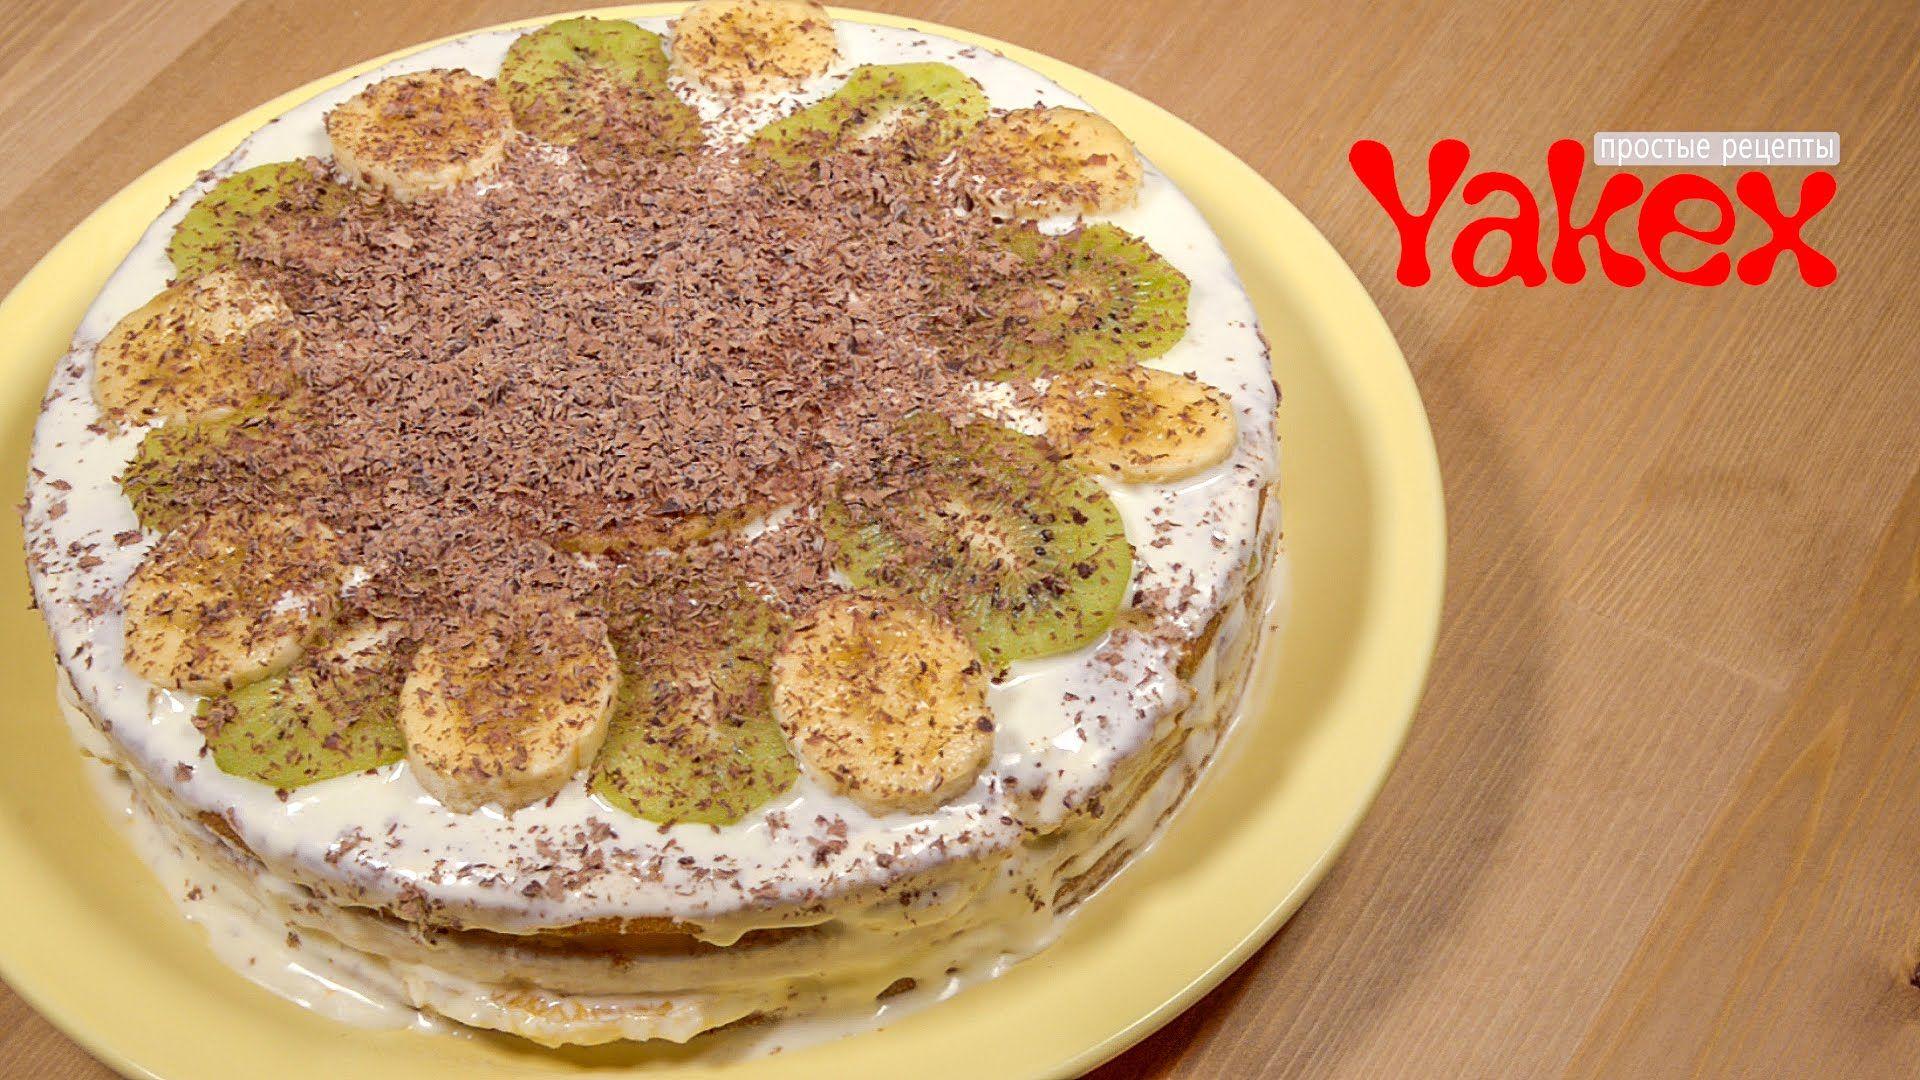 раньше распустились торт из готовых бисквитных коржей фото картины впечатляют своей